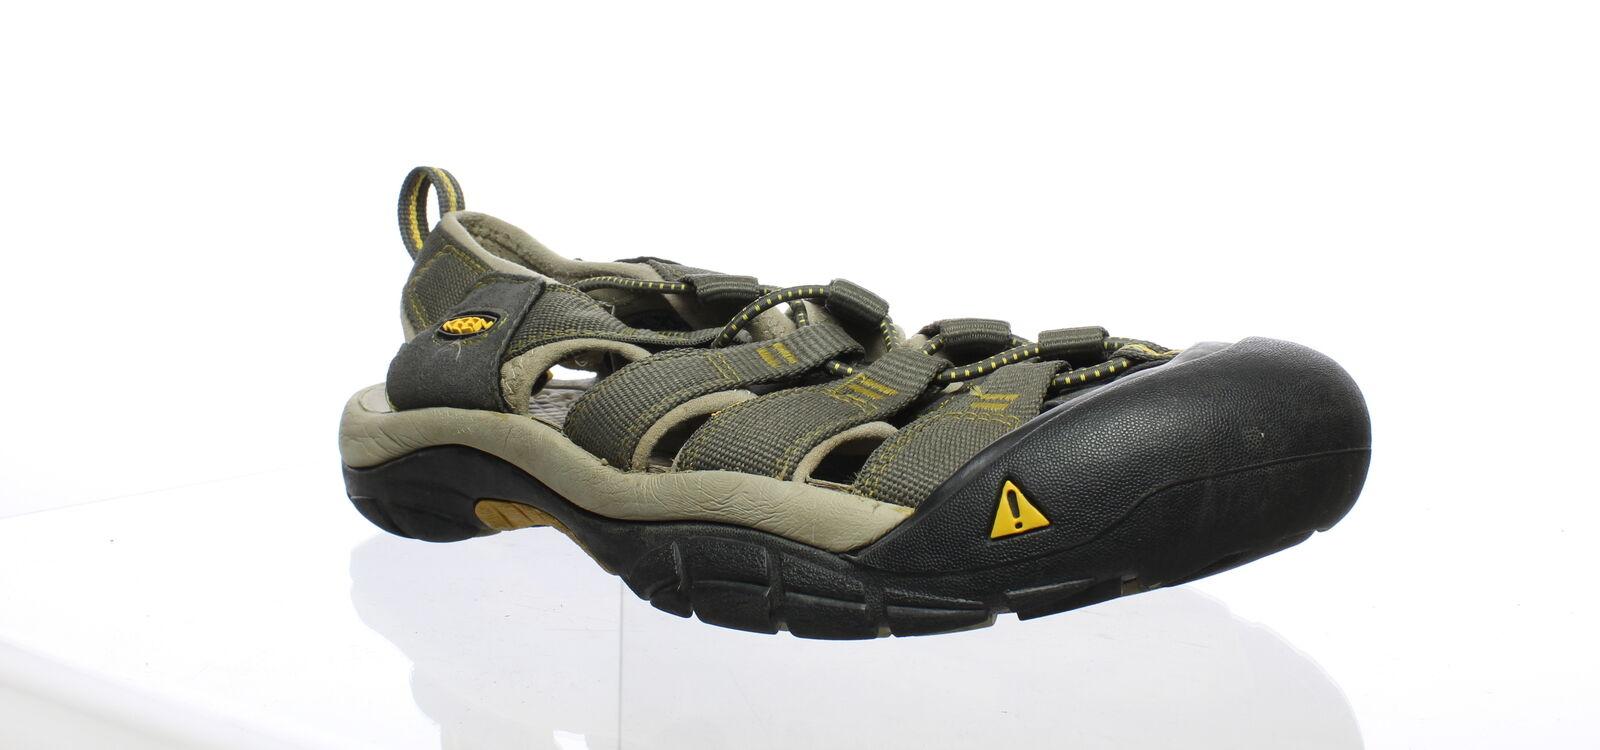 KEEN Uomo Sport Sandals Taglia 10 (73916)